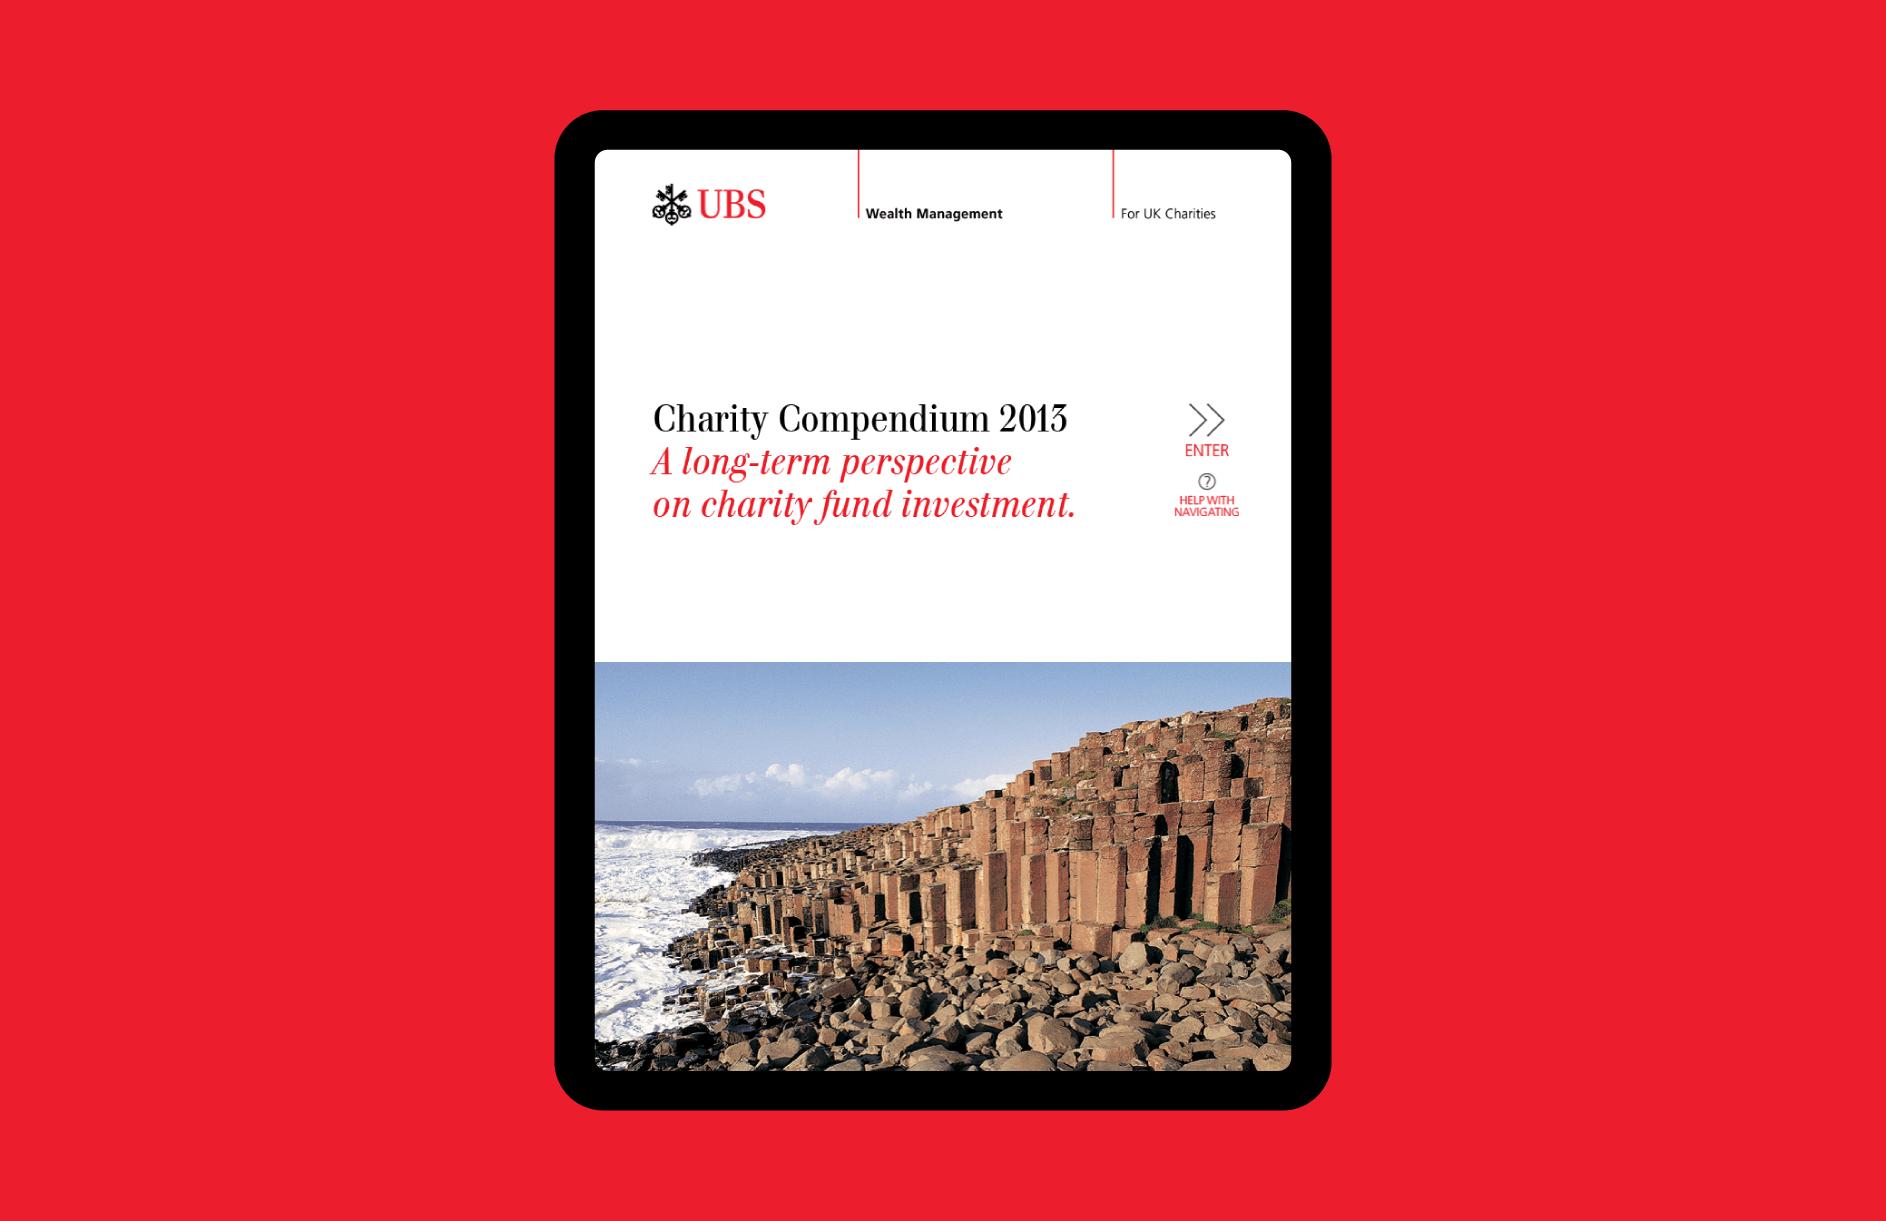 UBS / iPad publication